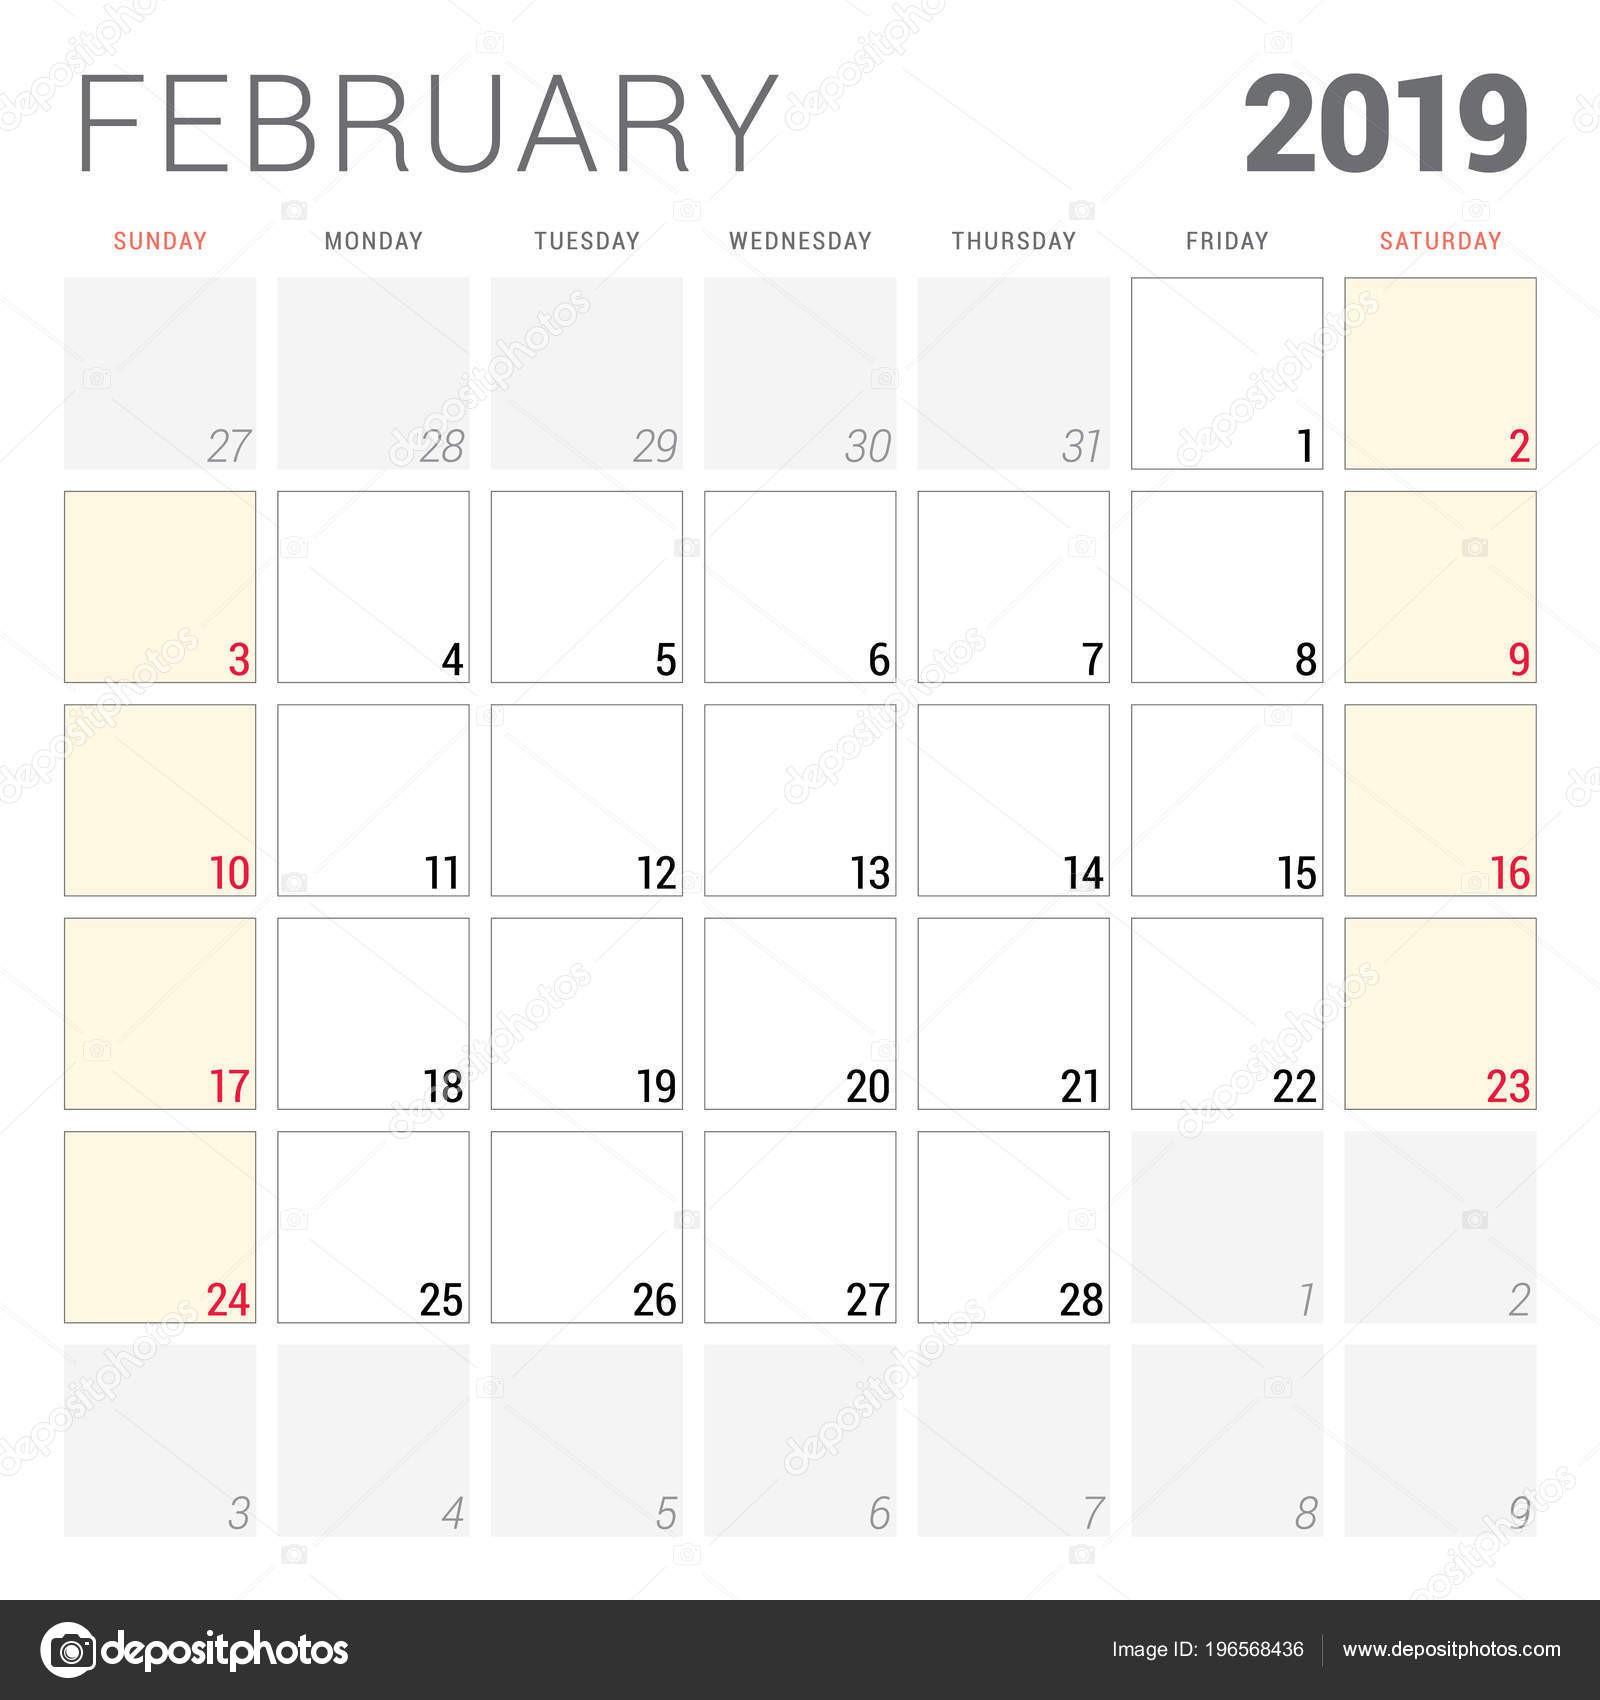 Planejador Calendário Para Fevereiro 2019 Semana e§a Domingo Modelo Design — Vetor de Stock